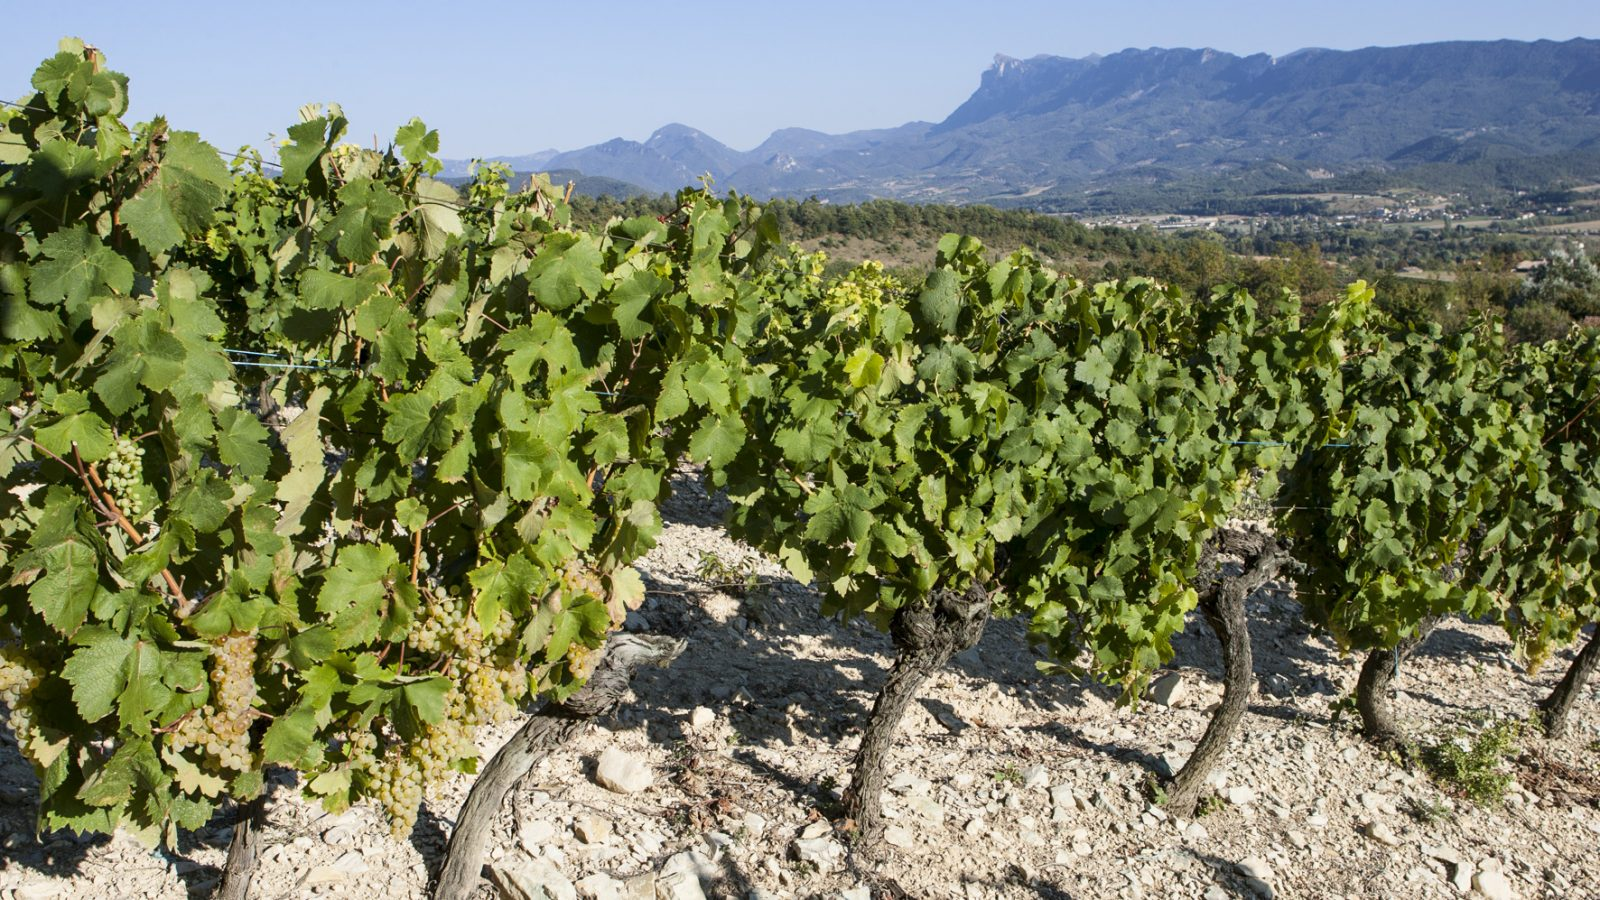 The clairette wine